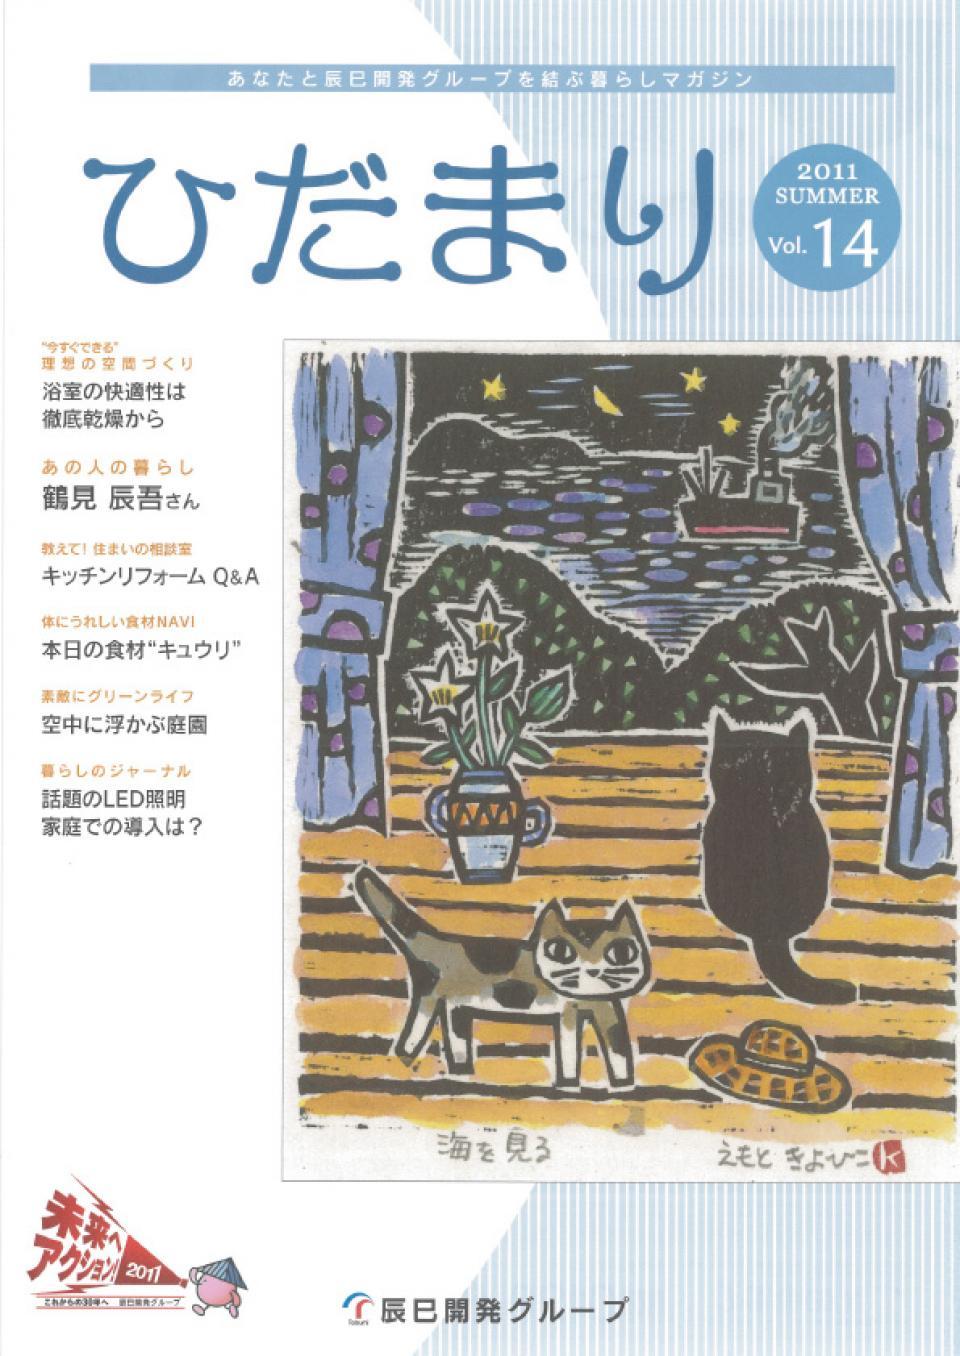 ひだまり 2011 Summer vol.14